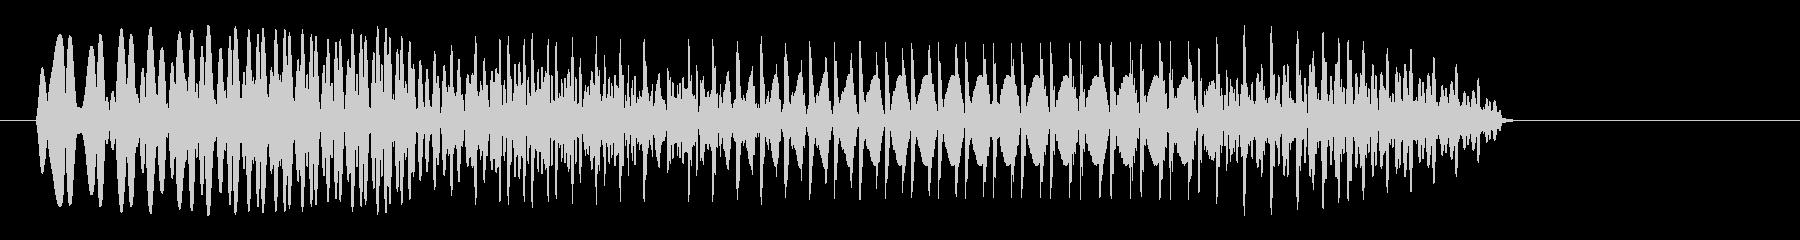 ポワァン(ファンシーな決定音)の未再生の波形